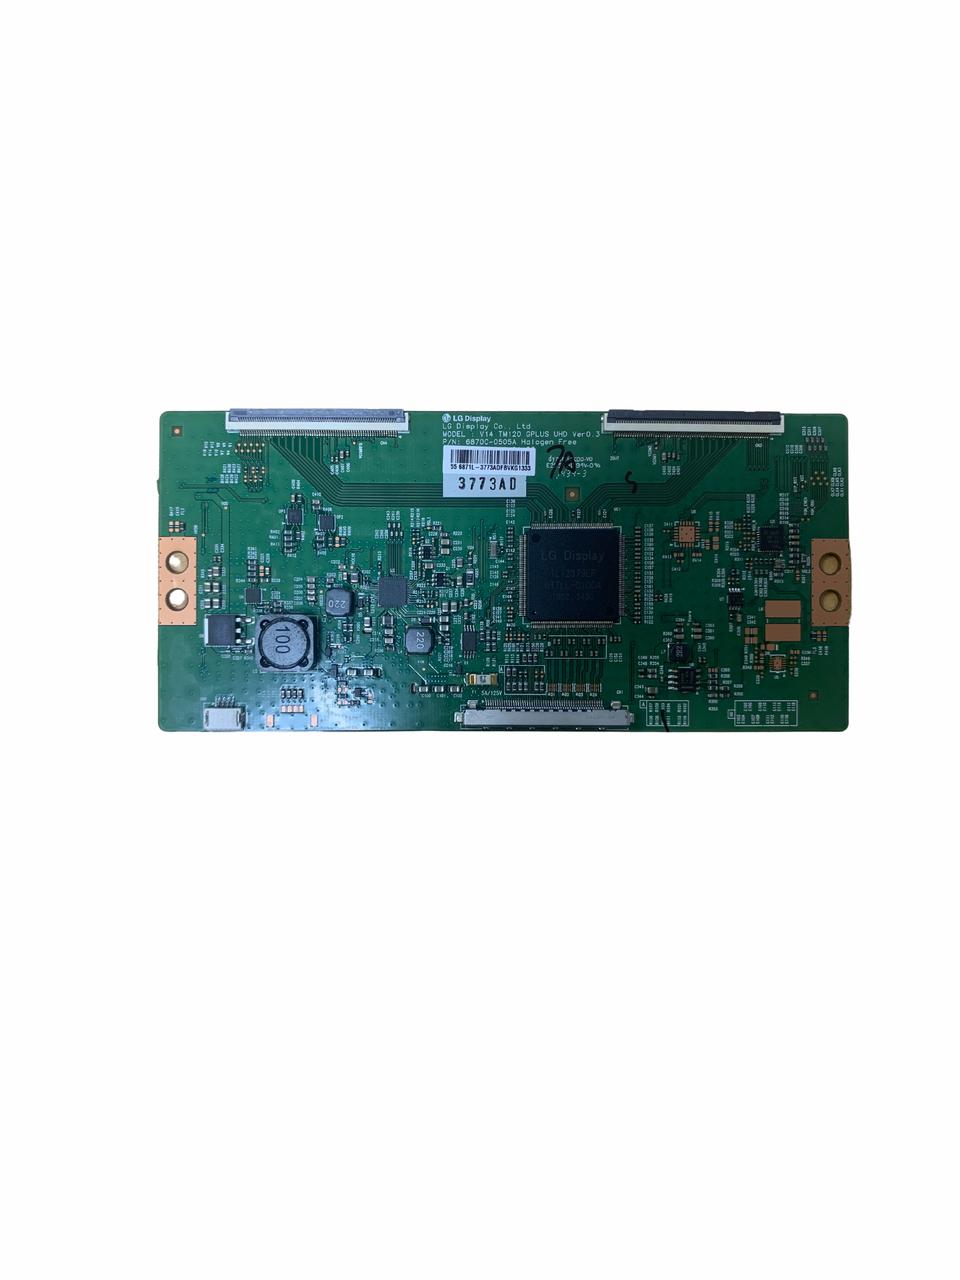 CHANGHONG UD55YC5500UA T-CON BOARD 6870C-0505A / 6871L-3773A